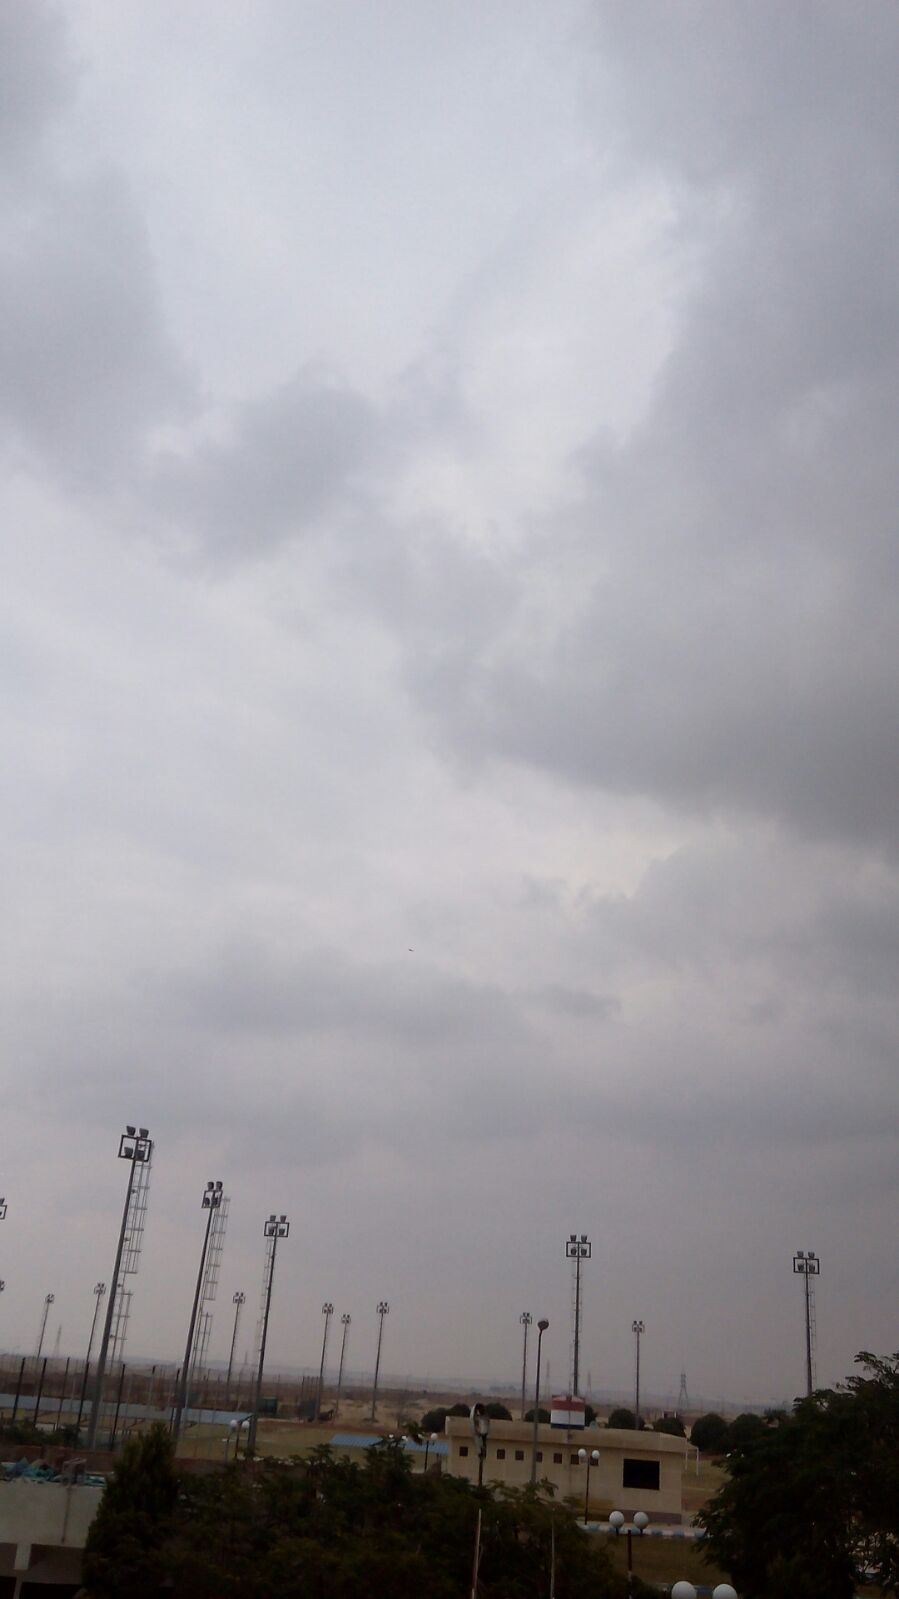 أمطار خفيفة وأجواء مُلبدة بالغيوم في الإسماعيلية